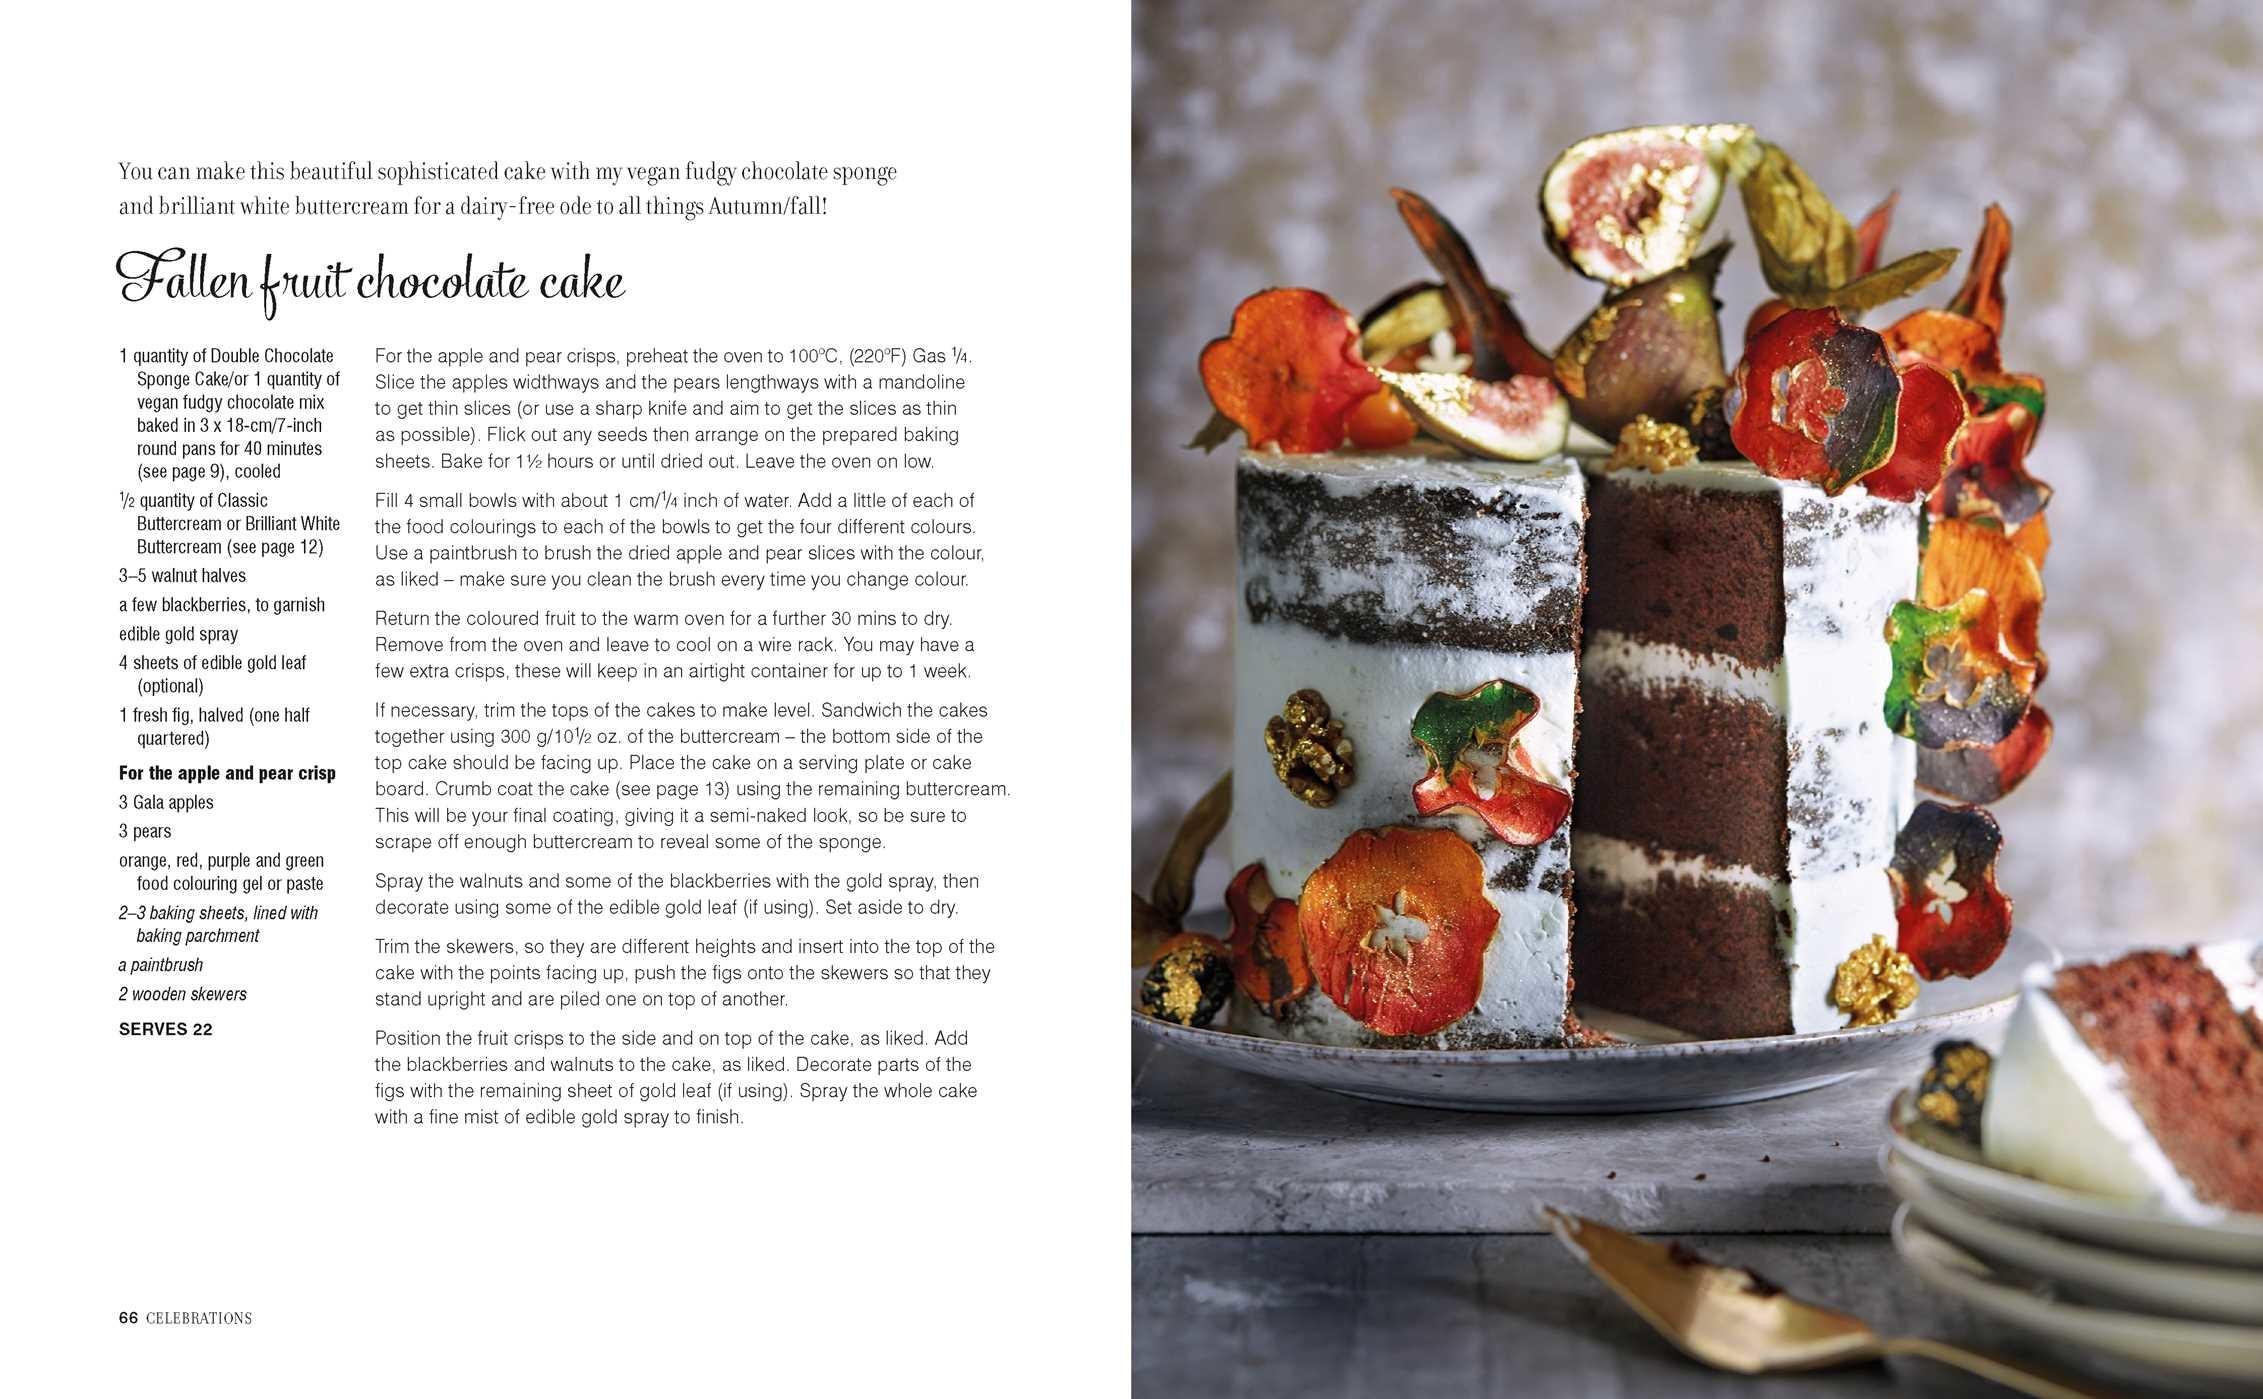 Fantasy cakes 9781849758857.in02